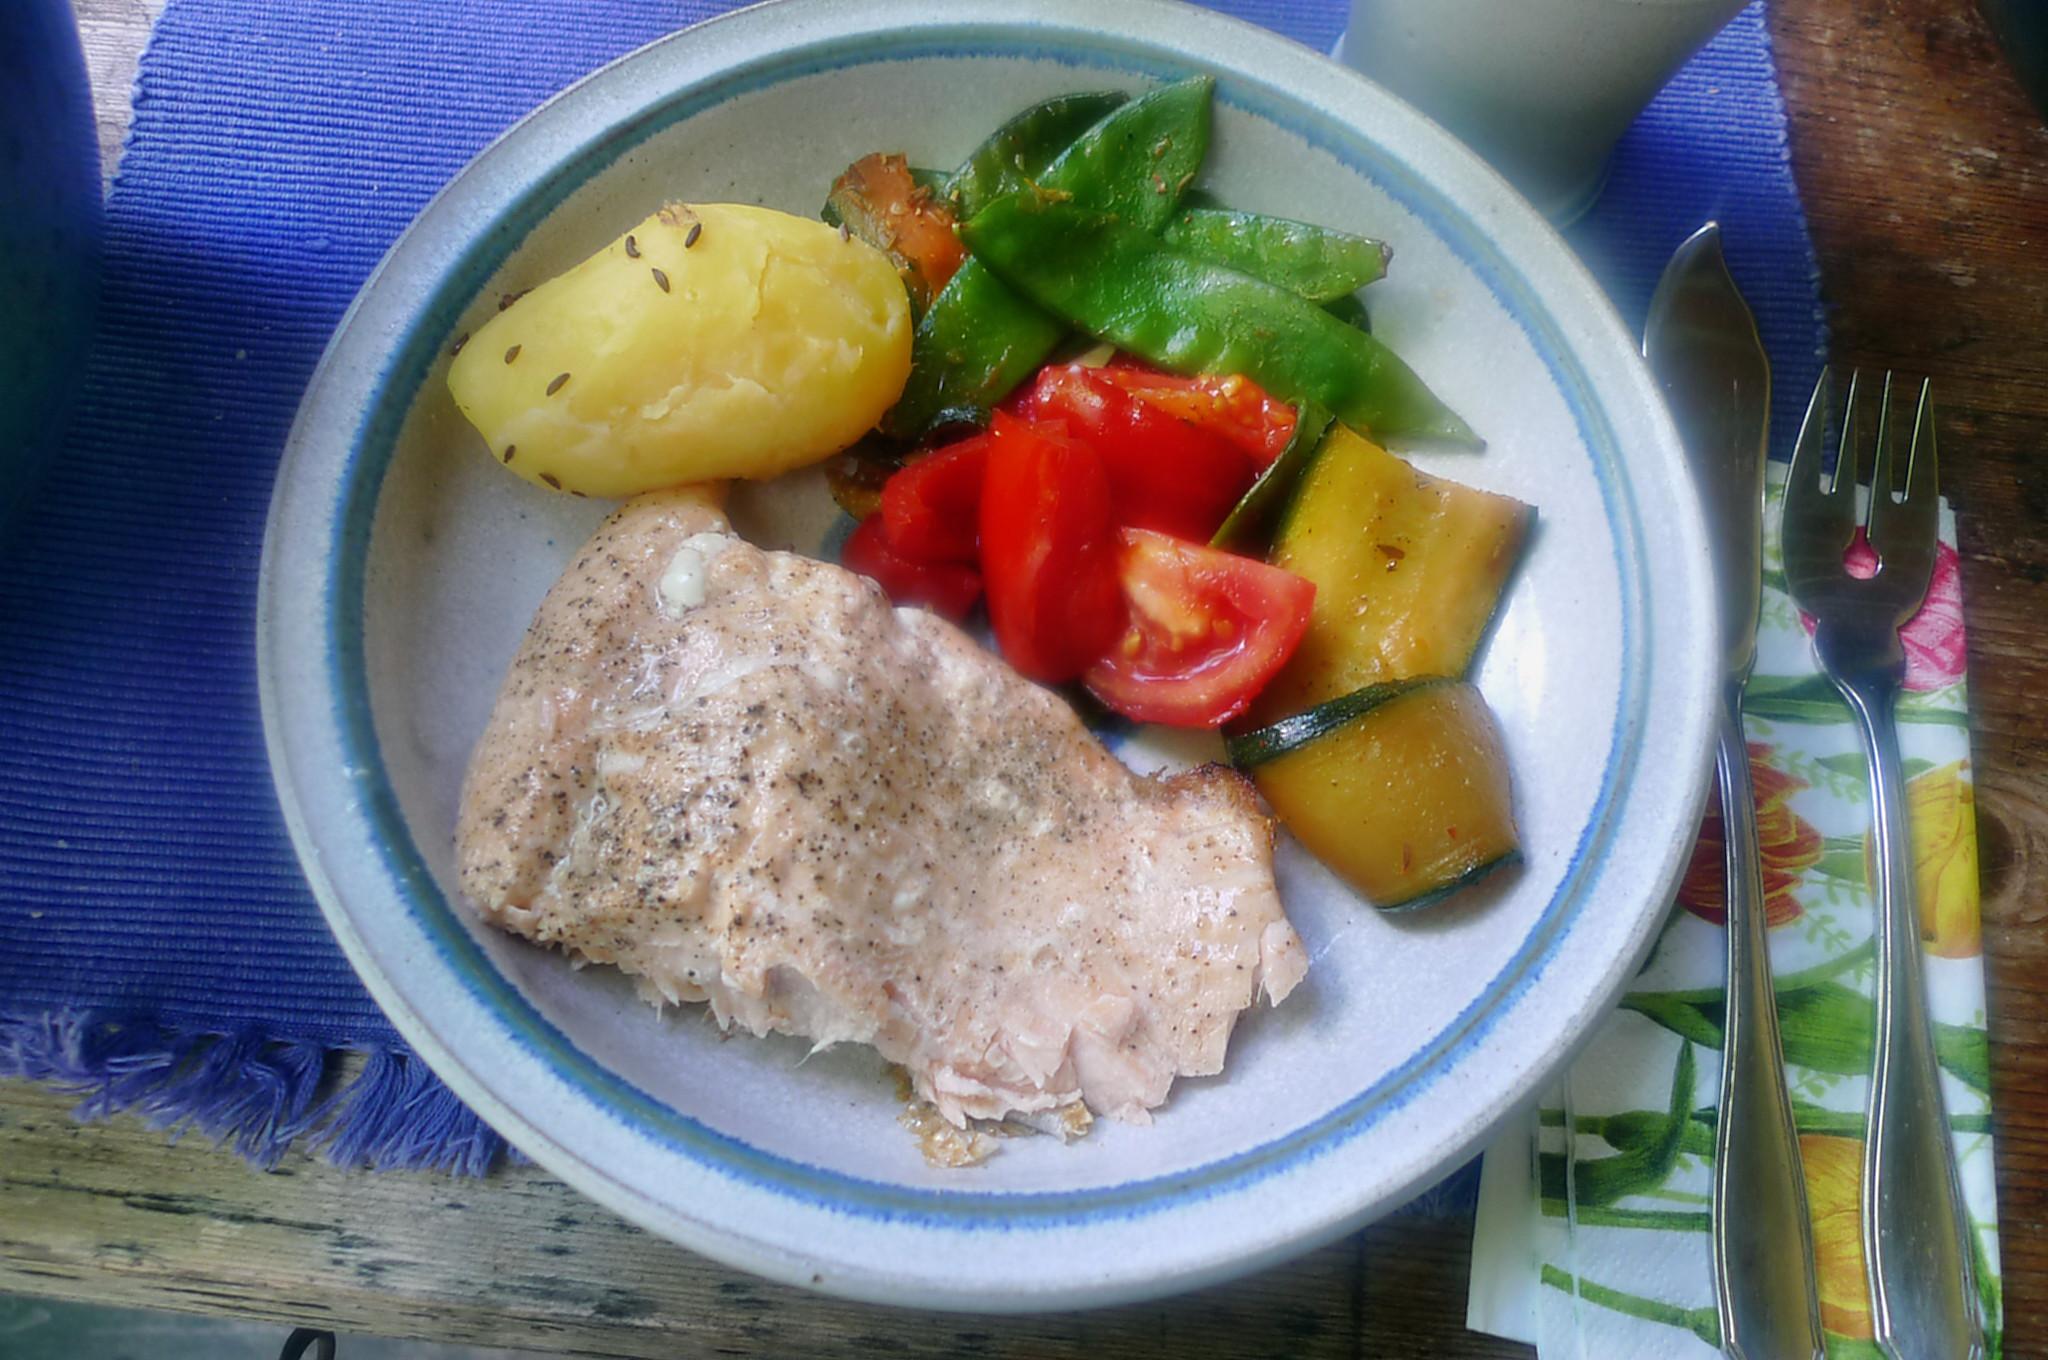 Lachs-Gemüse-Kartoffel-31.7.14   (2)